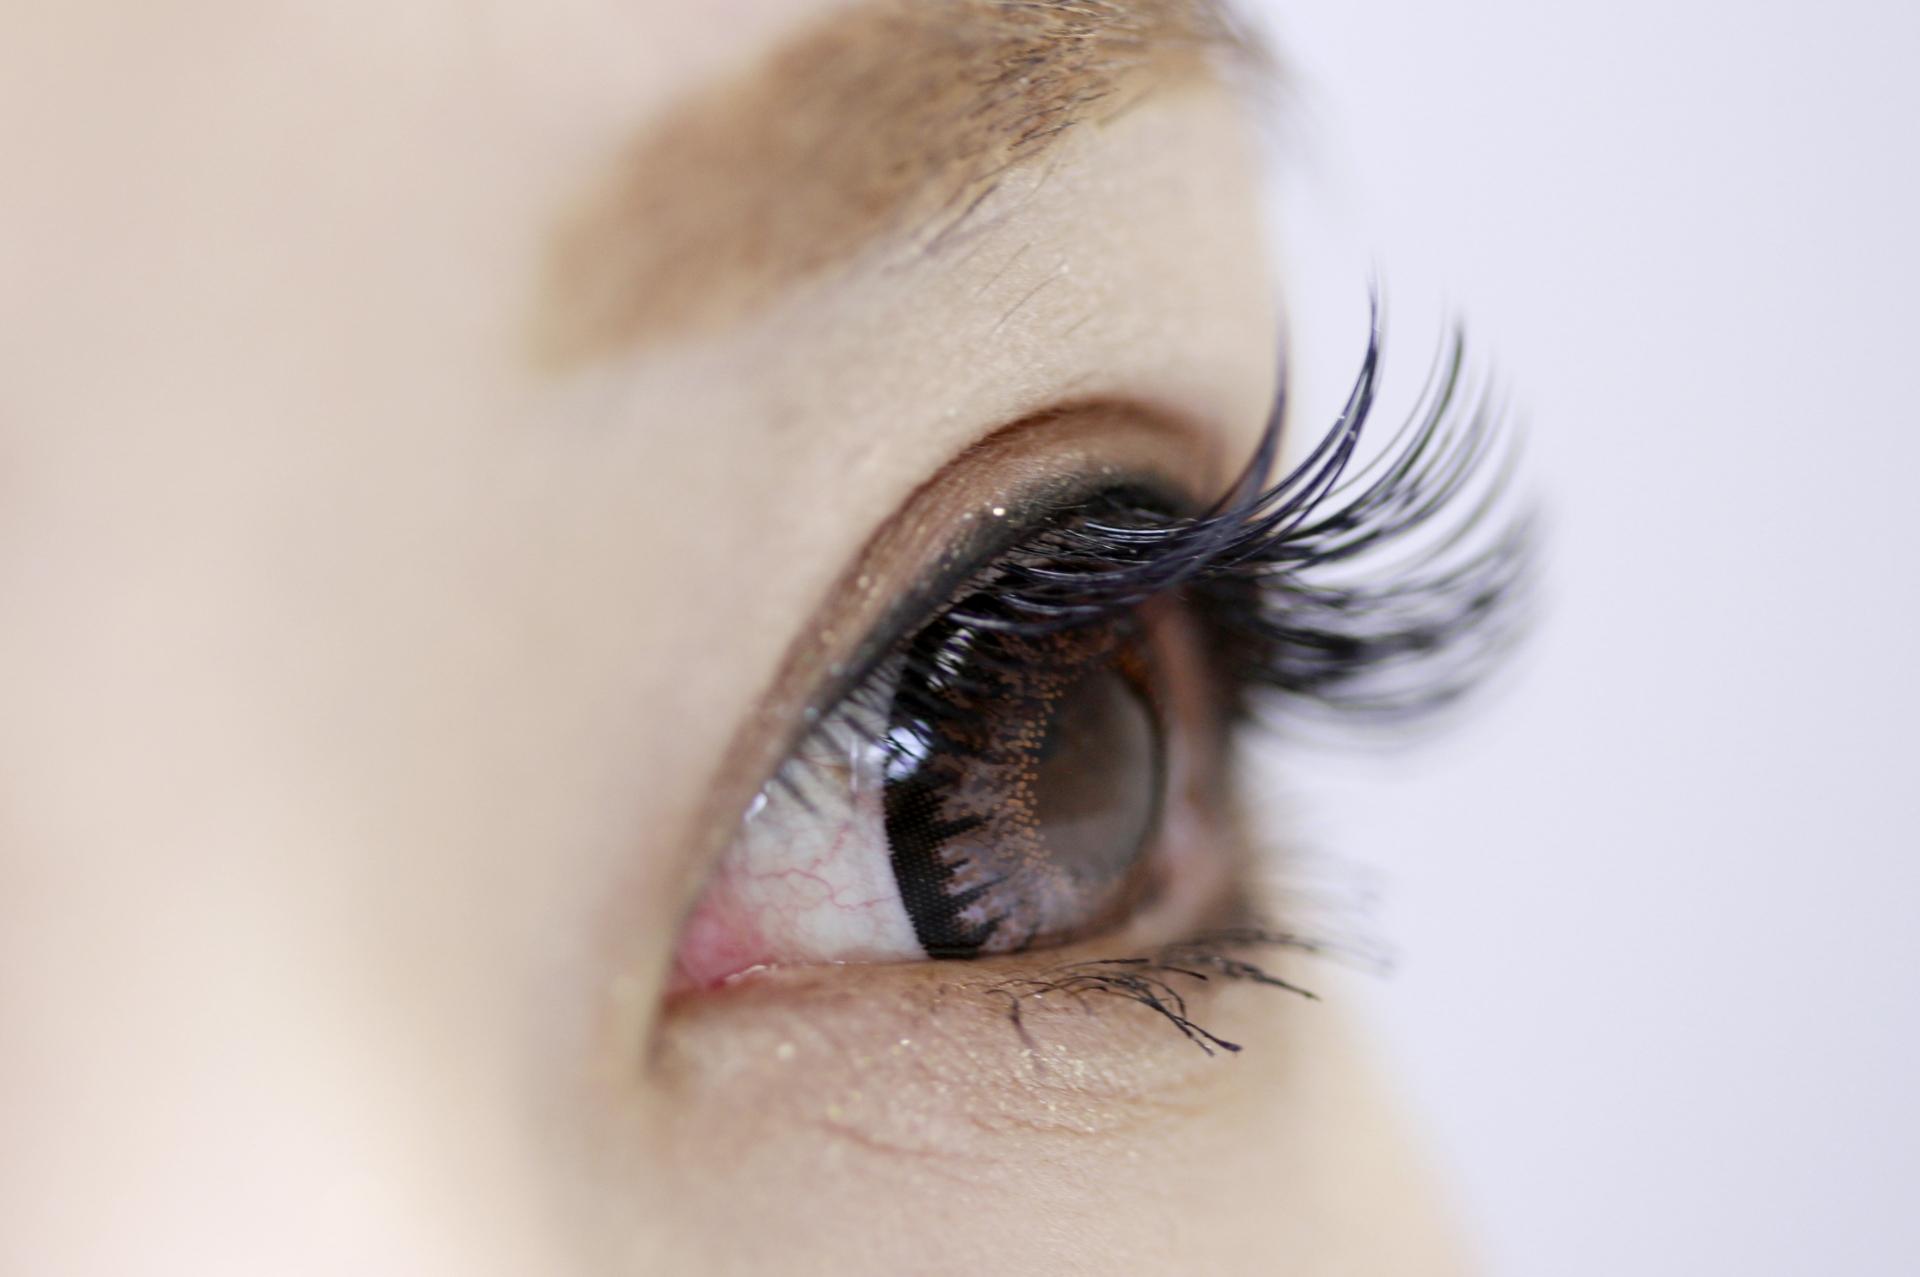 黒目が小さい人でも可愛いく見せるアイメイクテクニック